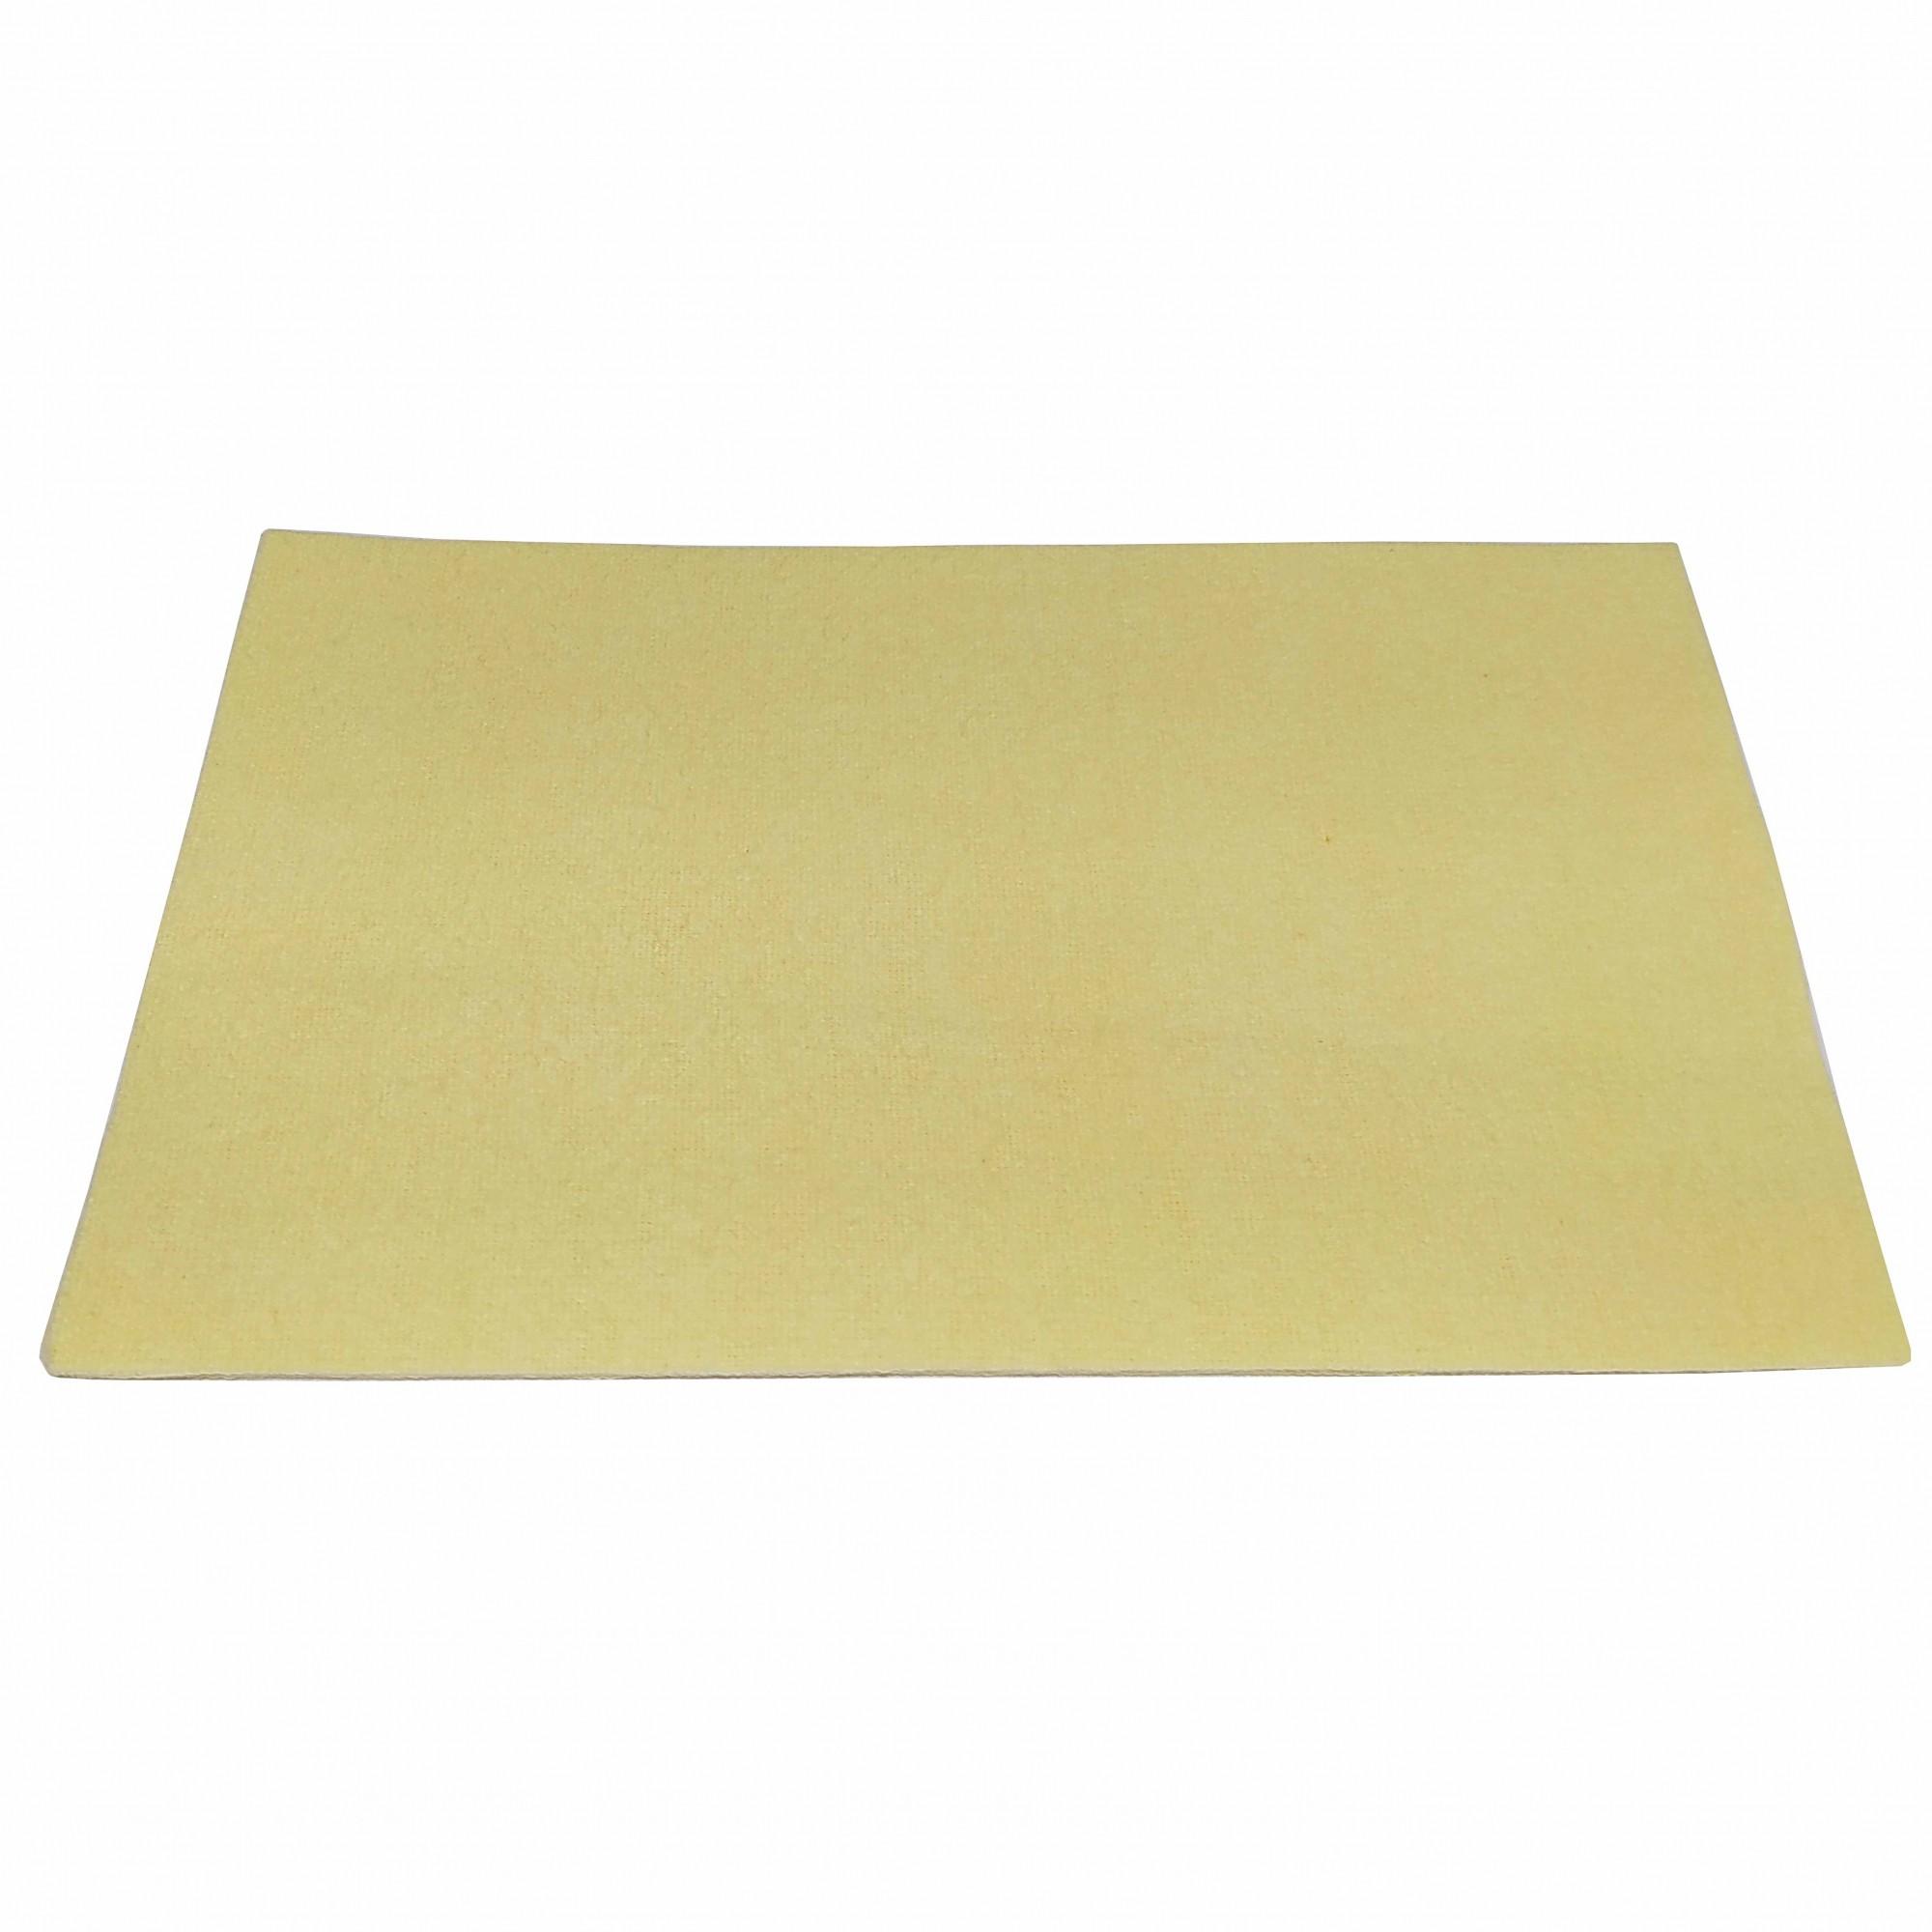 Flanela Mágica para Polimento Amarela - PCT c/ 3 UNID.  - Lunozê Joias